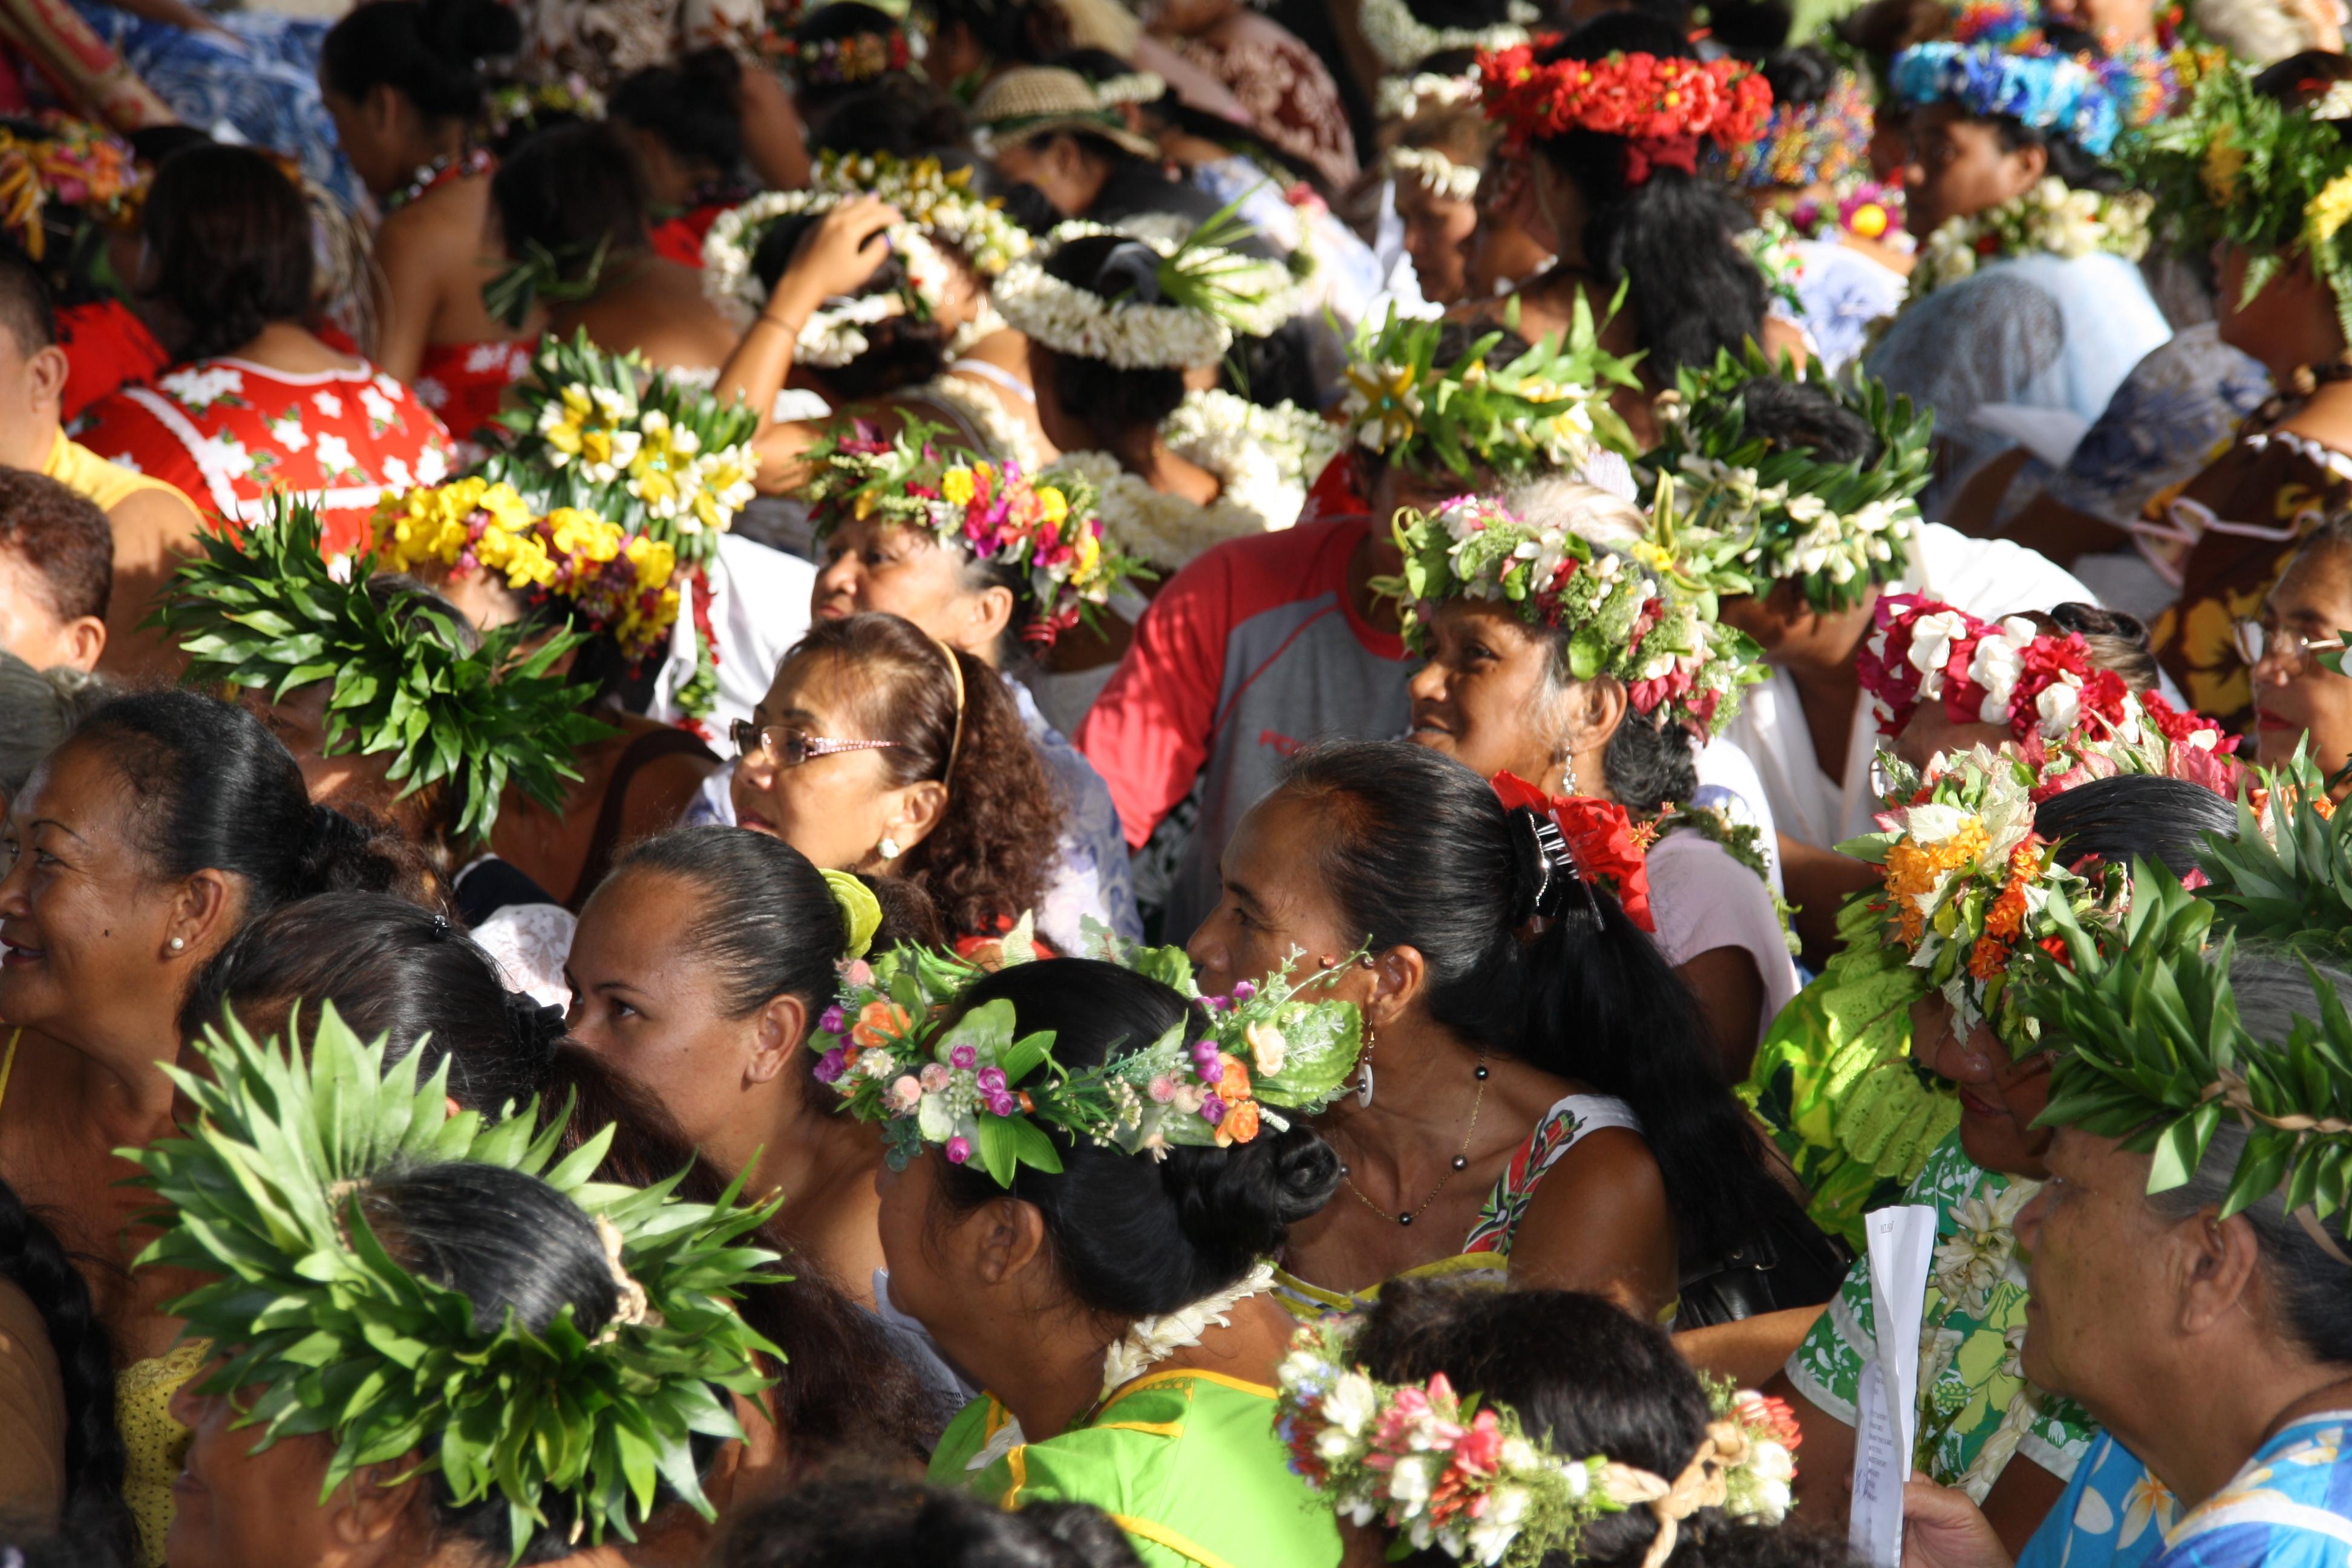 Dimanche, vers 19 heures, le lever des Matarii, indiquera le démarrage du Nouvel An. Les Pléiades seront célébrées par des chants, des orero….